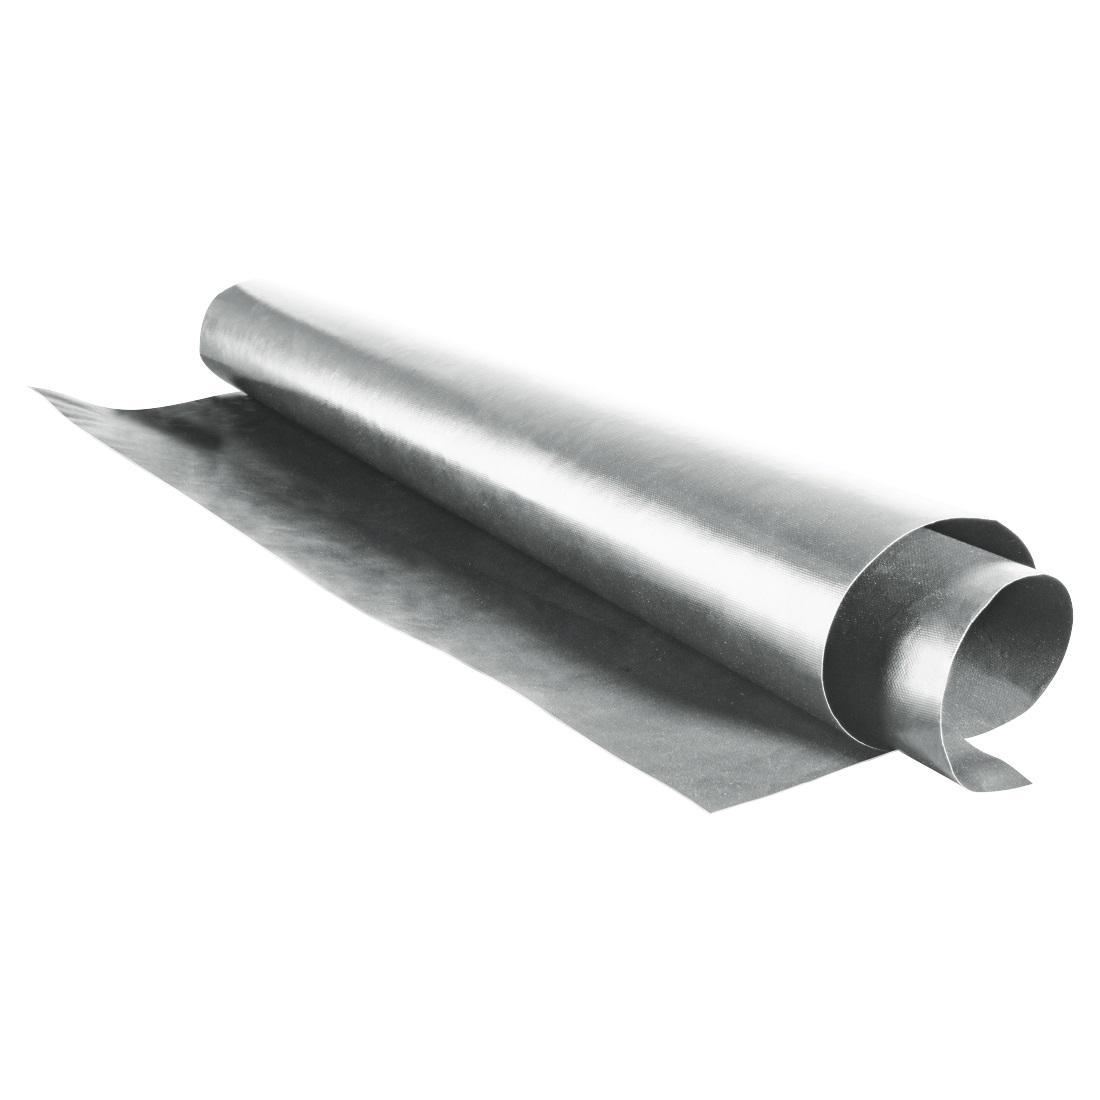 Защитно фолио за печка Xavax с тефлоново покритие за многократна употреба, 35 х 43 см